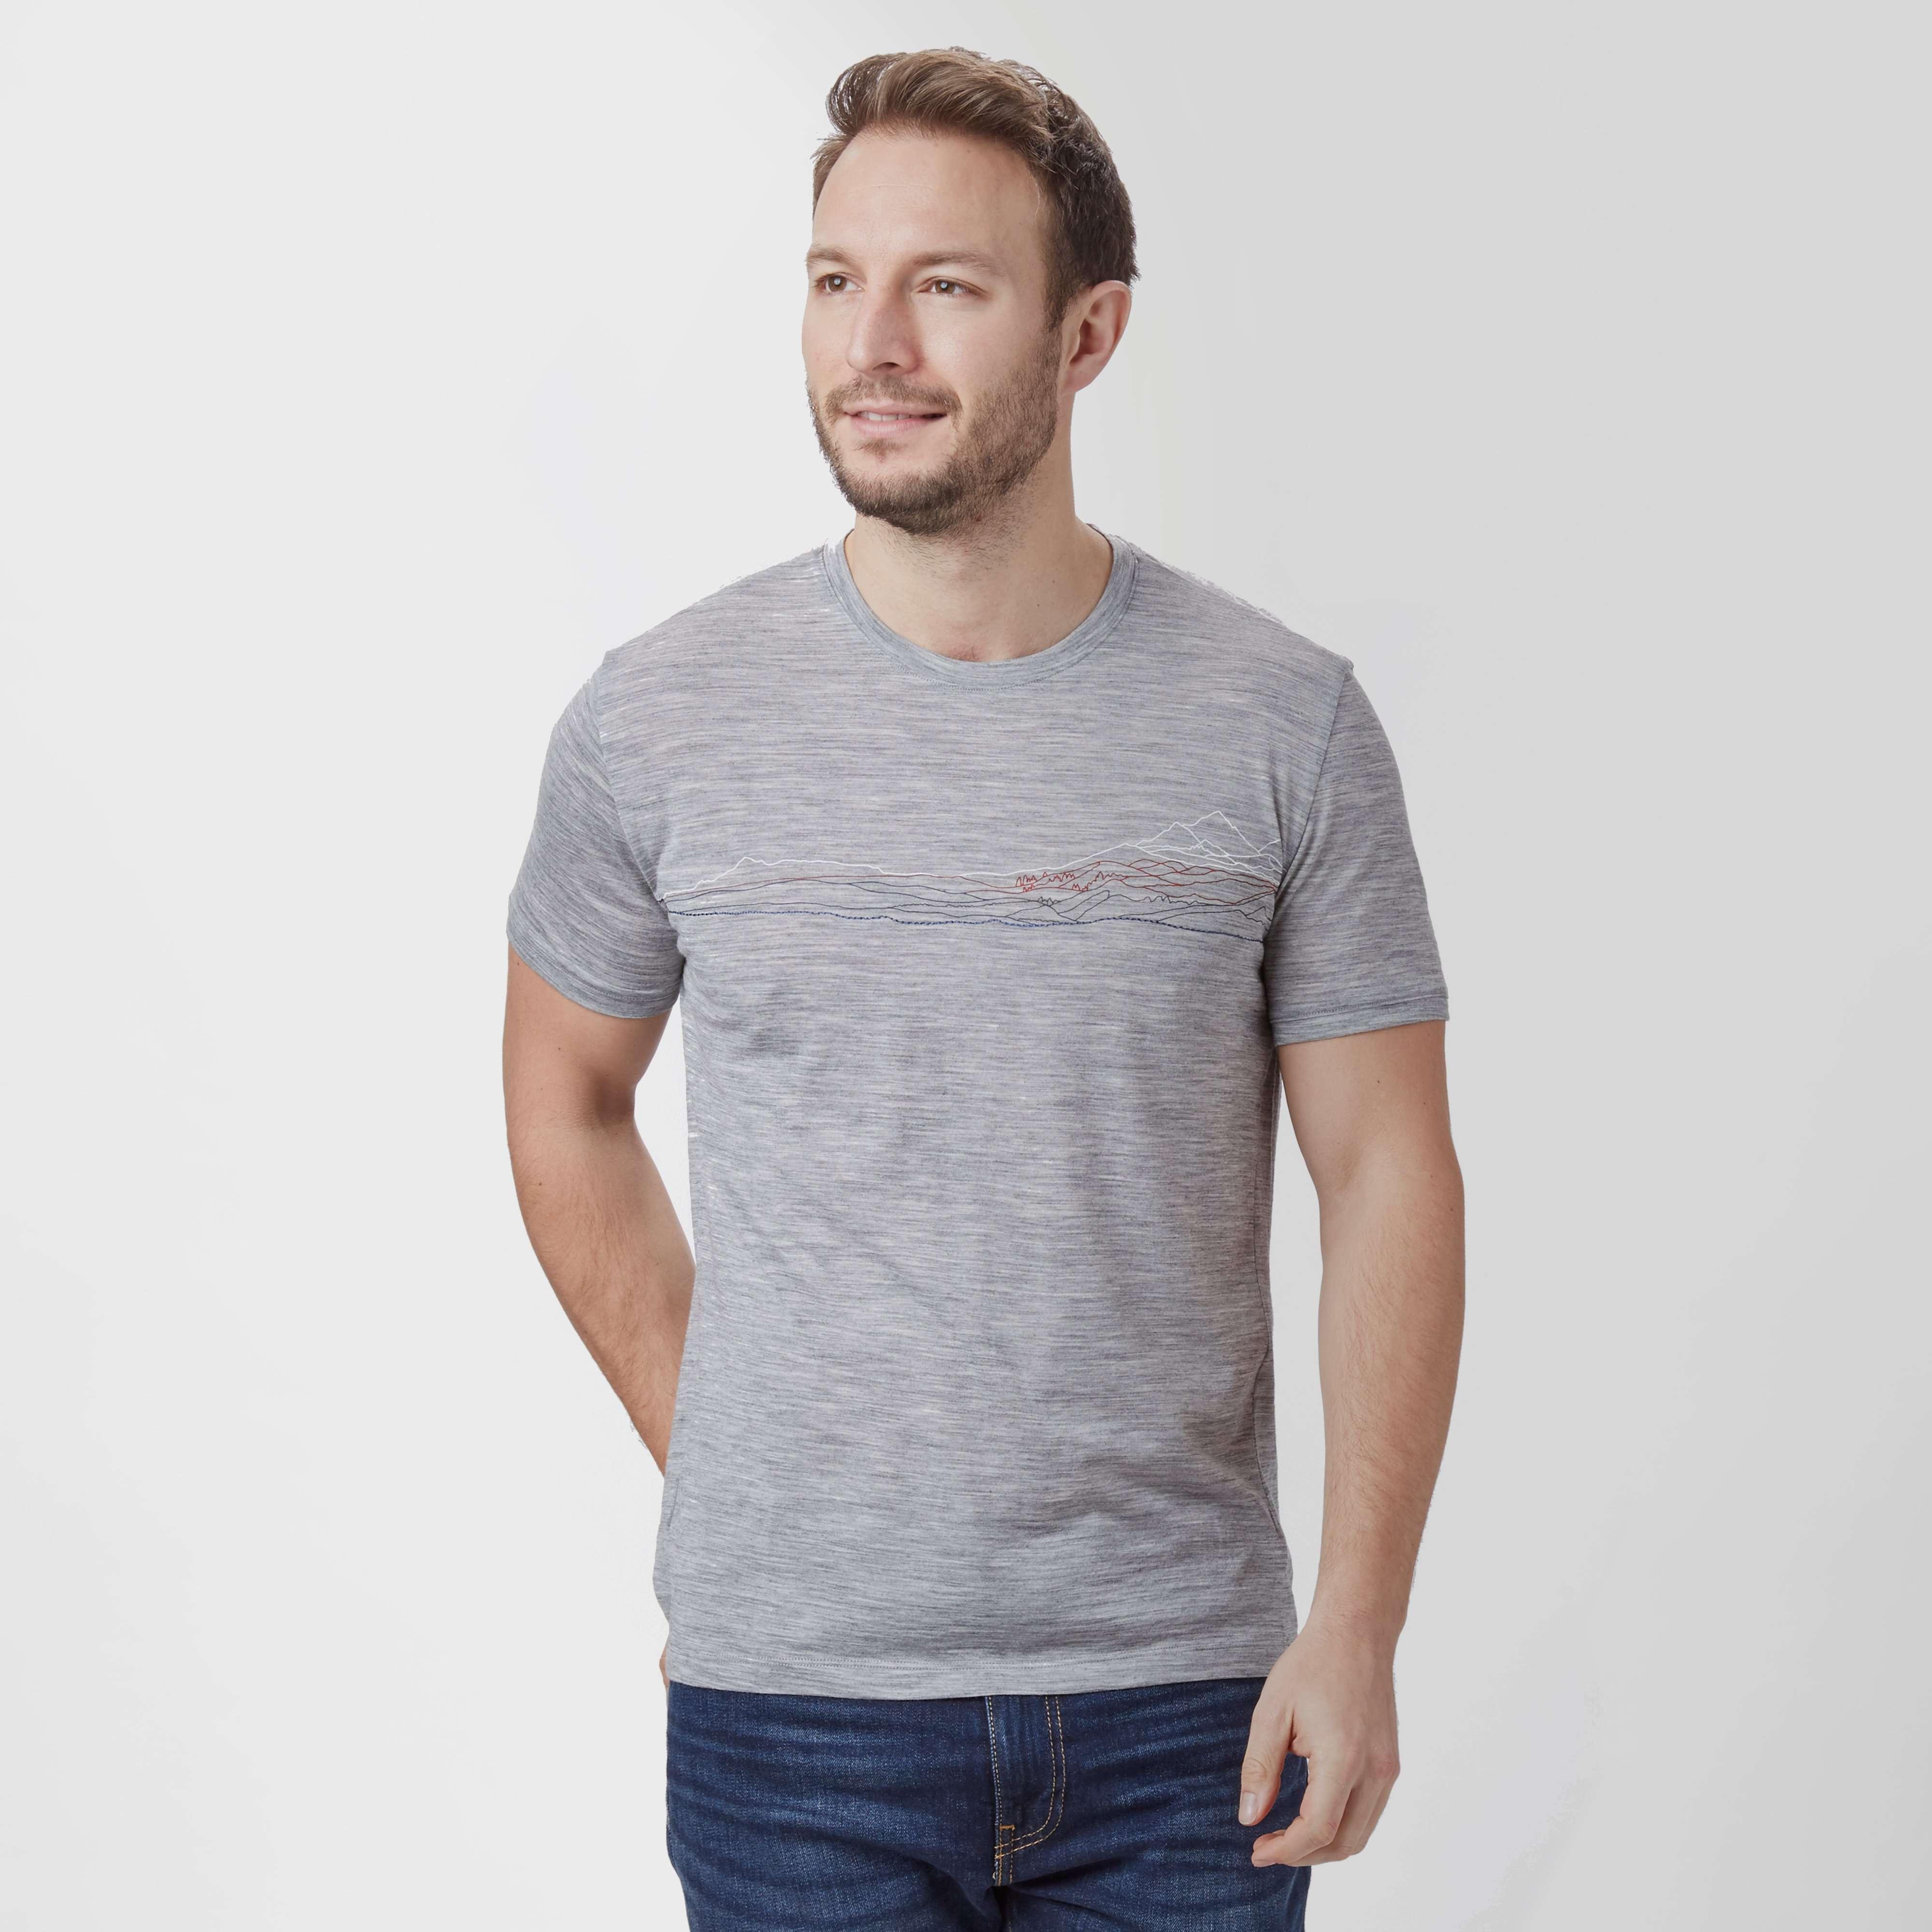 ICEBREAKER Men's Tech Lite Short Sleeve T-Shirt